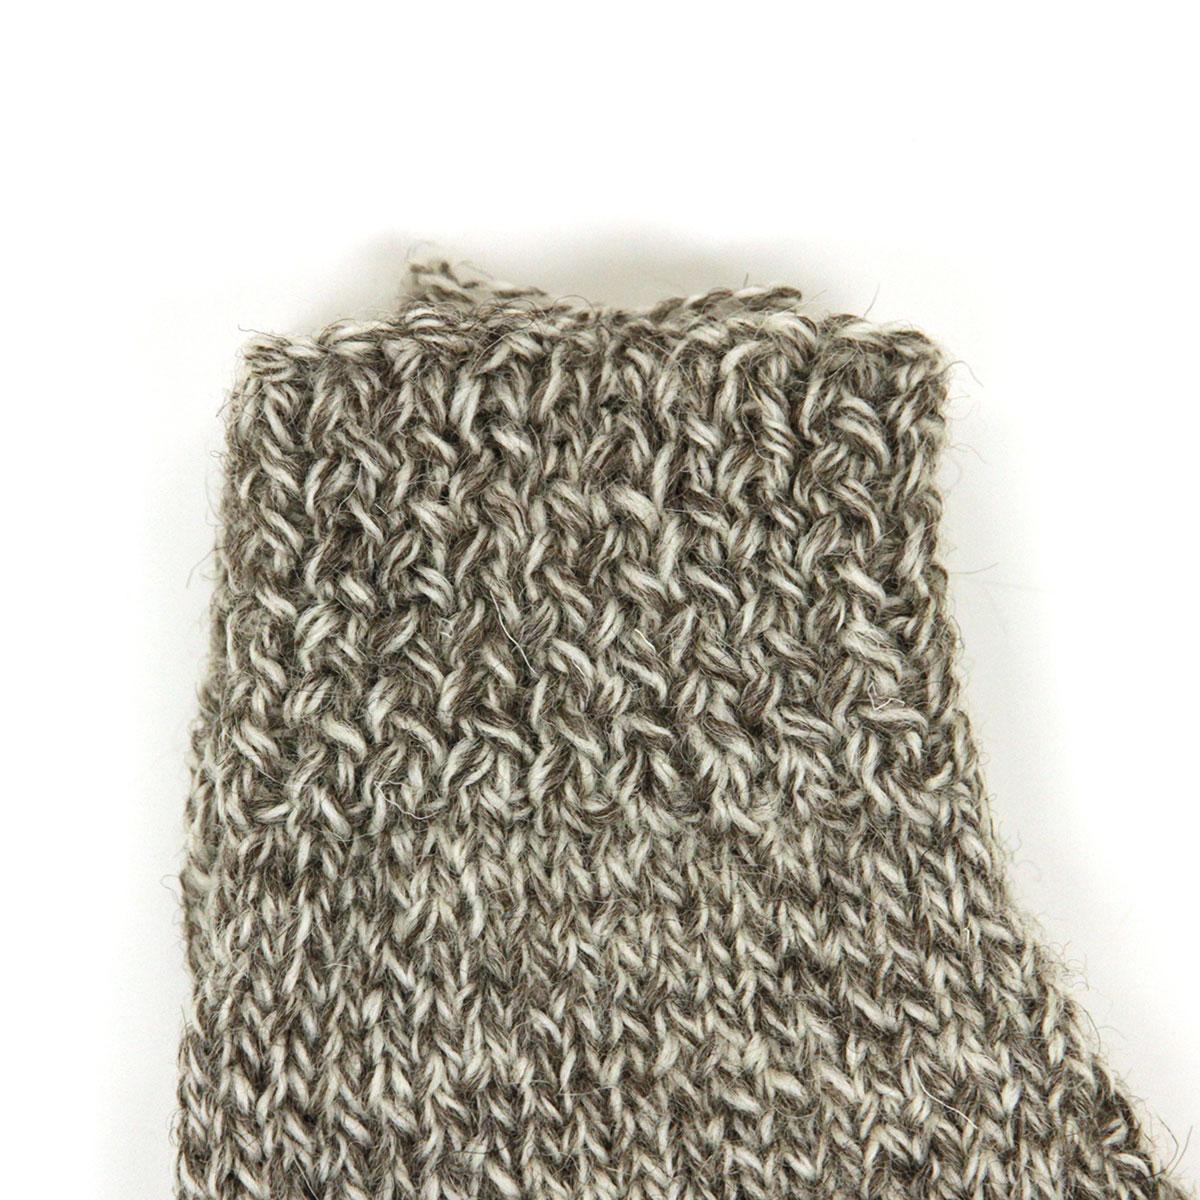 ブラックシープ BLACK SHEEP 正規販売店 メンズ 手袋 BLACK SHEEP HANDMADE FINGERLESS KNIT GLOVE SM08B TWIST A87B B1C C3D D0E E00F